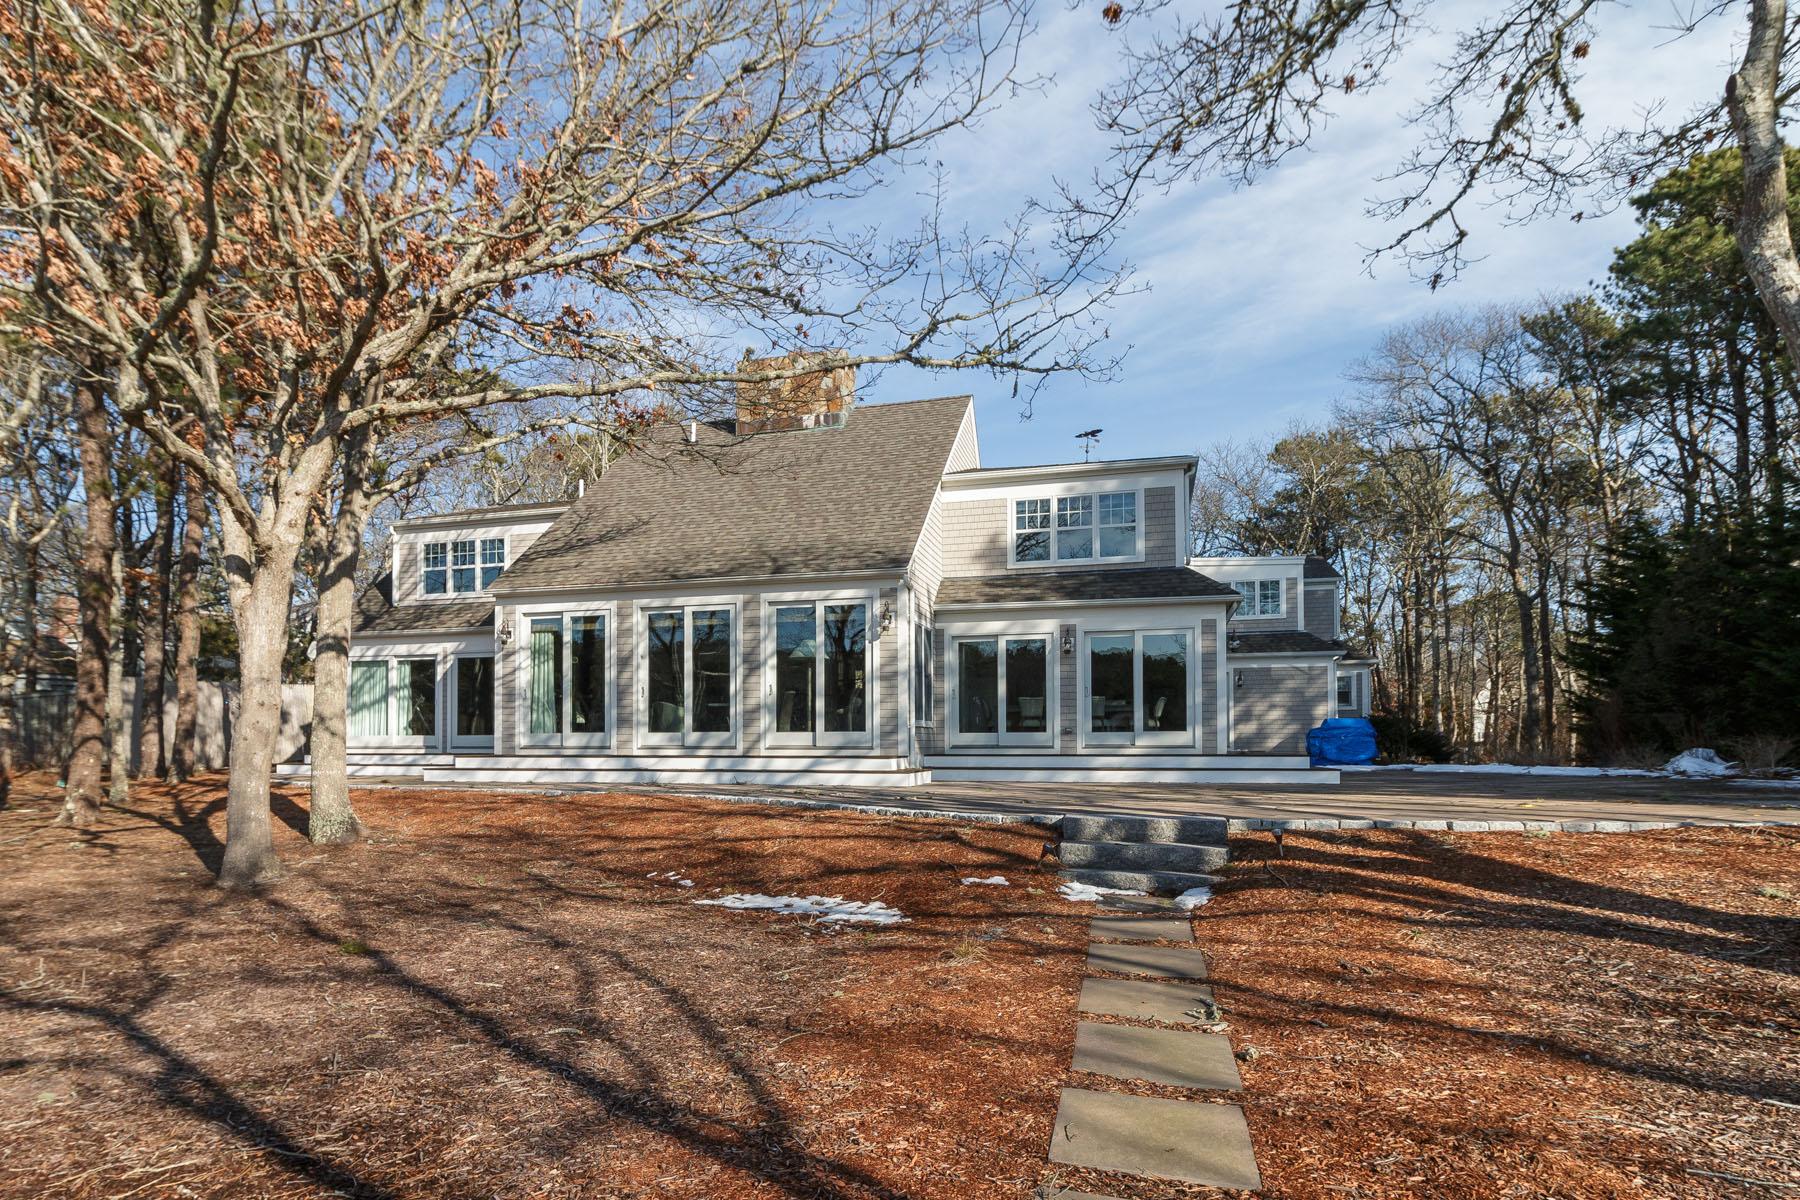 Maison unifamiliale pour l Vente à SPECTACULAR WATERFRONT HOME 27 Keel Way New Seabury, Massachusetts, 02649 États-Unis